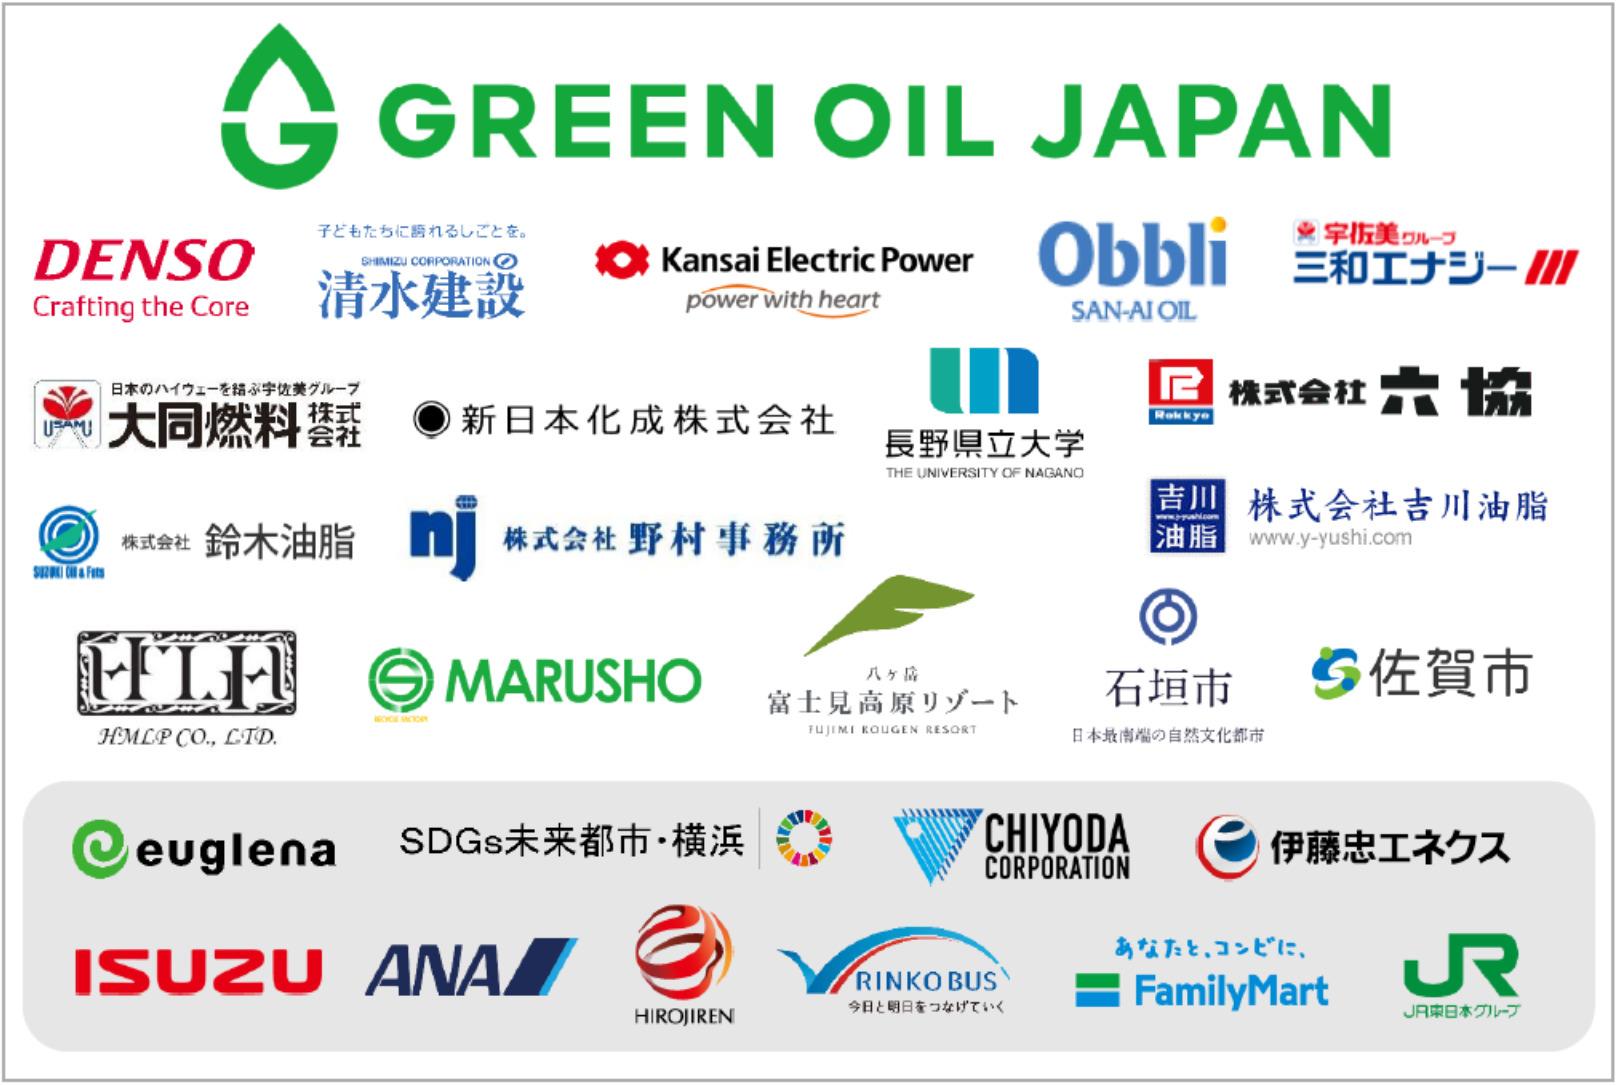 ユーグレナ:GREEN OIL JAPAN 企業一覧